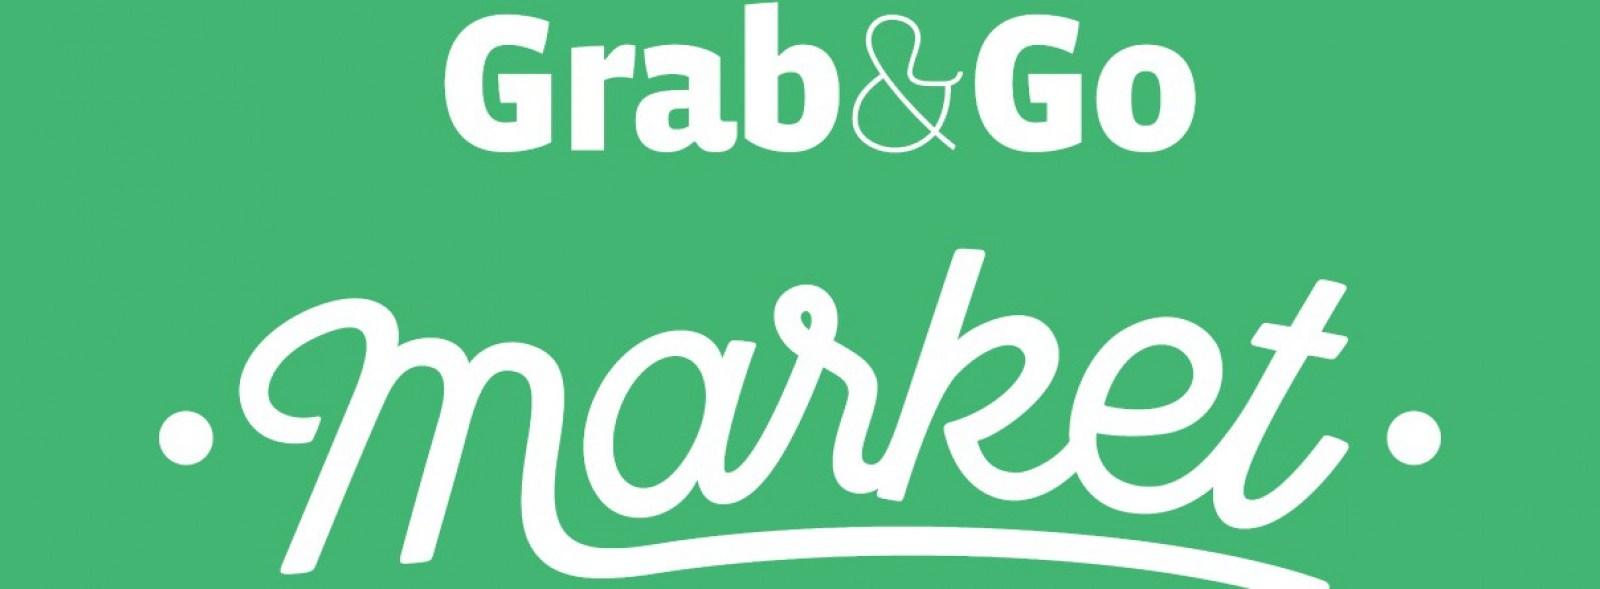 Grab & Go cria 'minimercado automático' e pisca o olho ao mercado farmacêutico